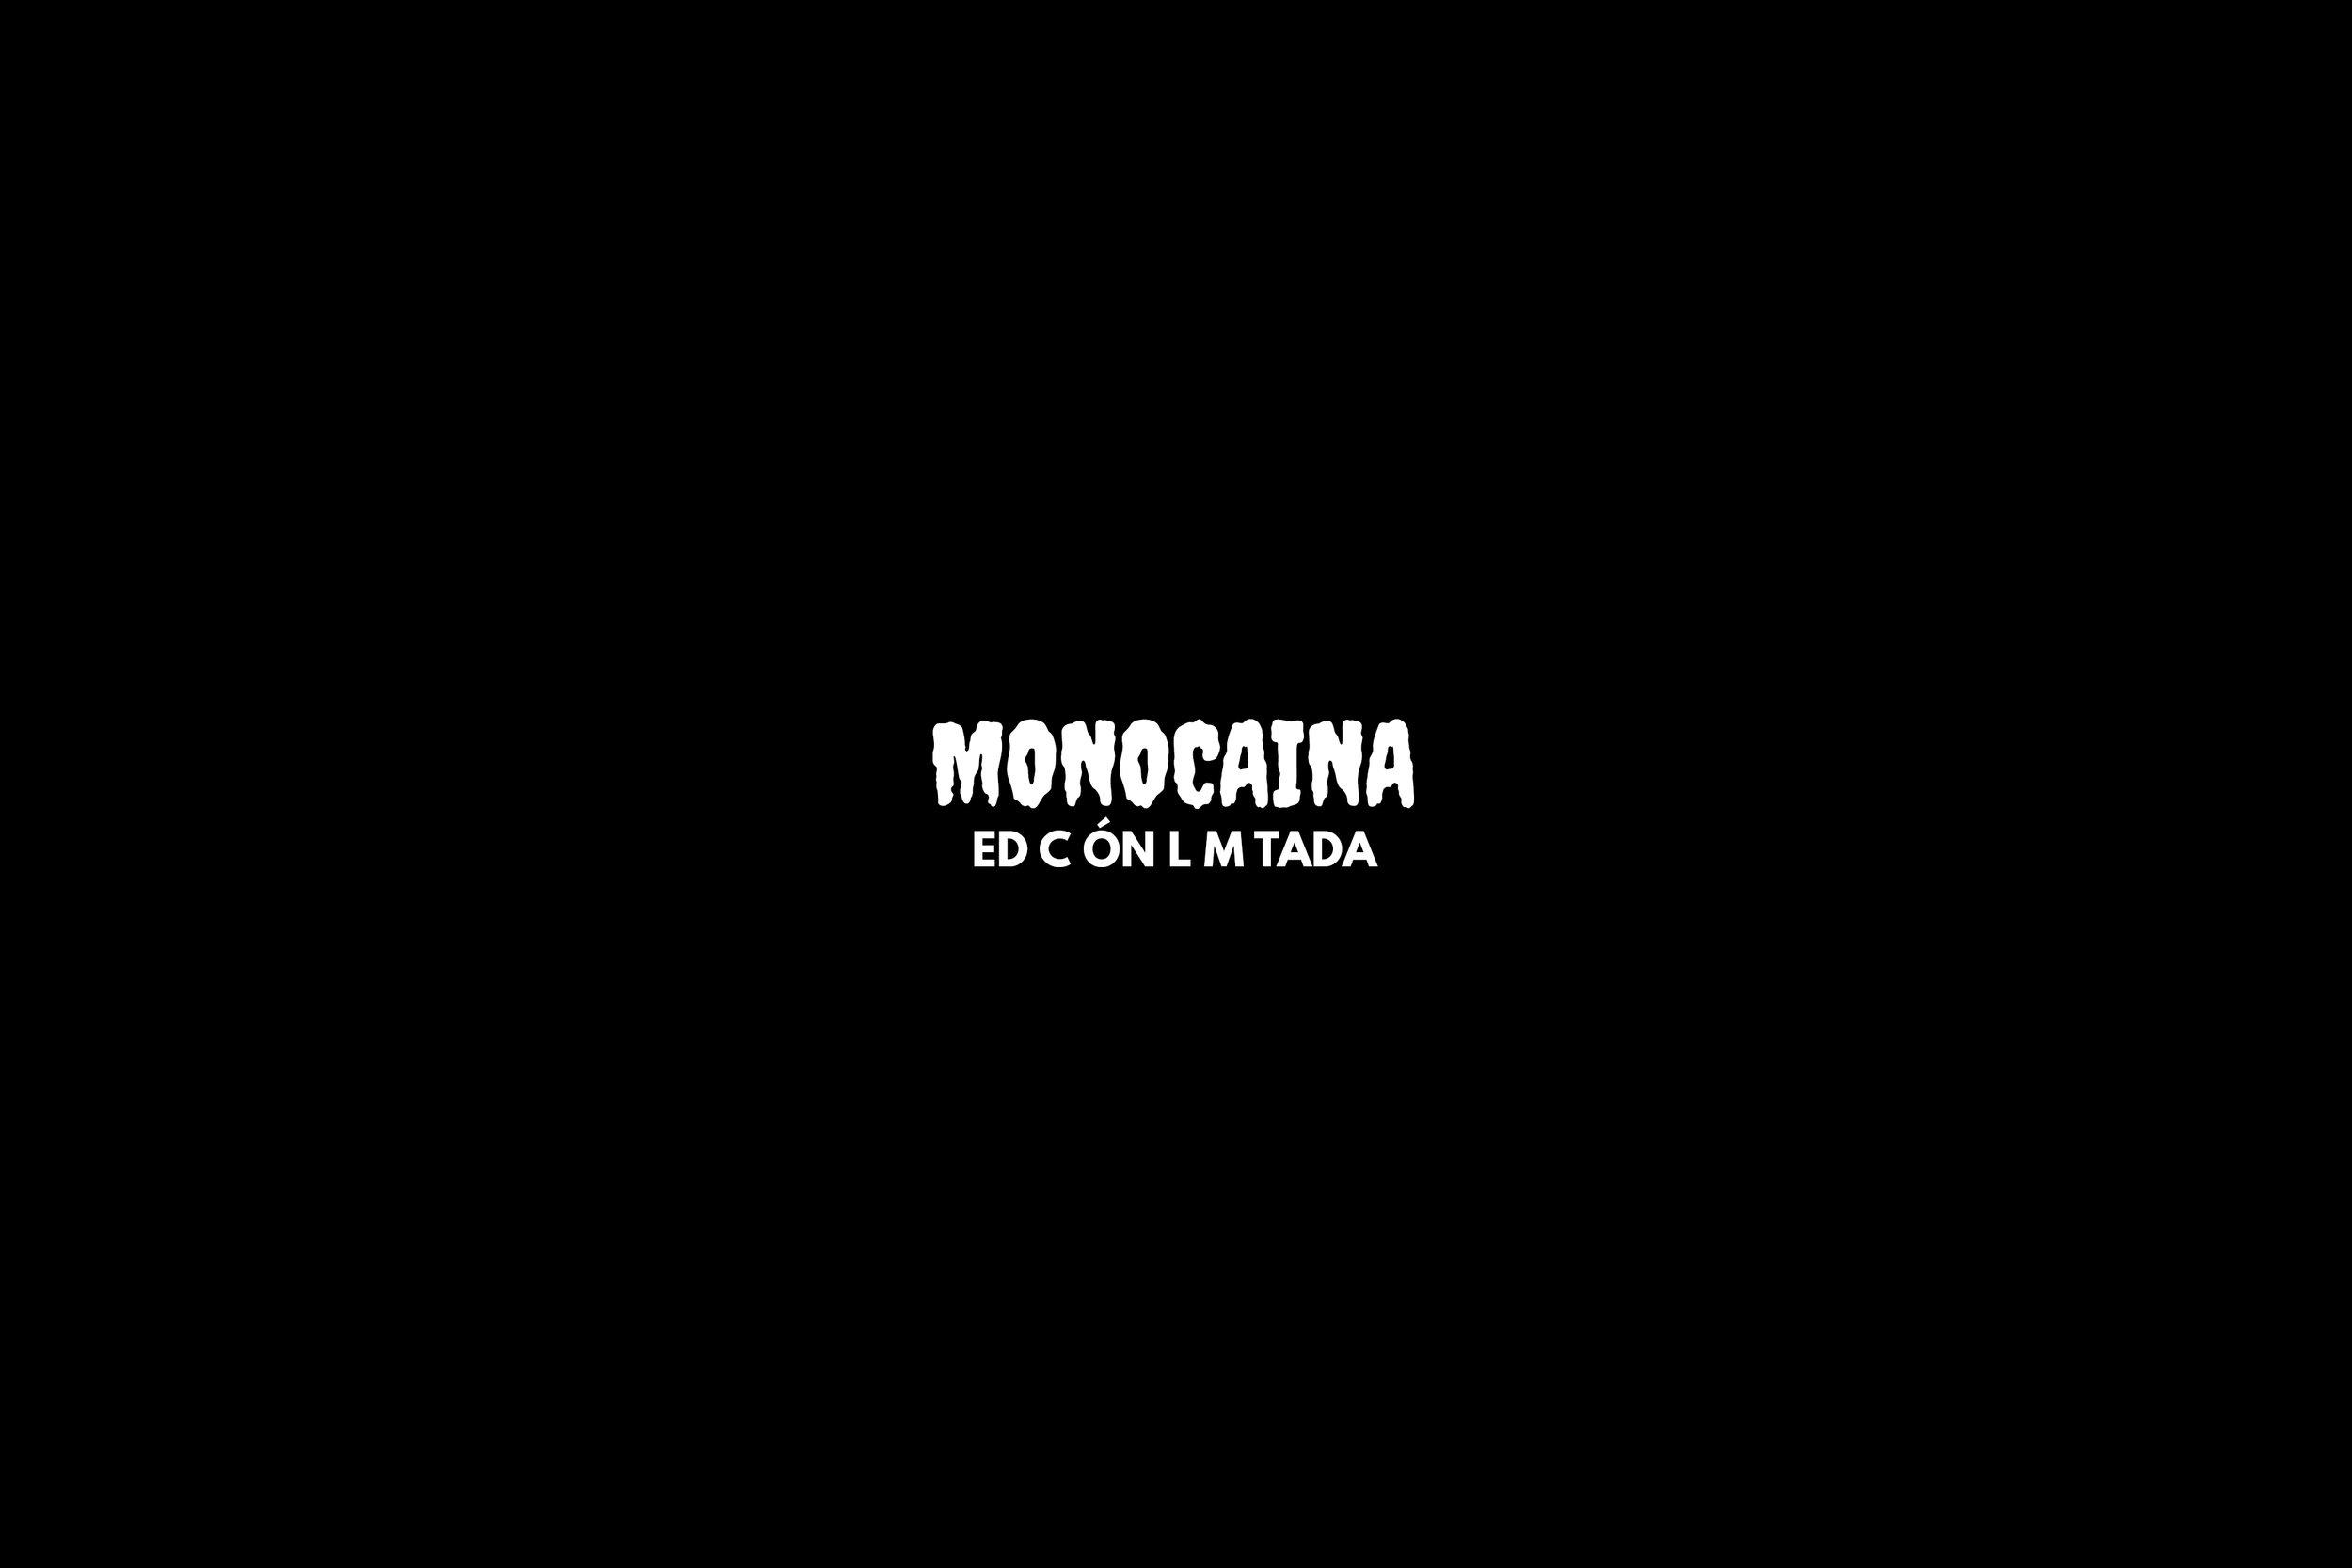 BLACK - MONOCAINA EDICIÓN LIMITADA.jpg